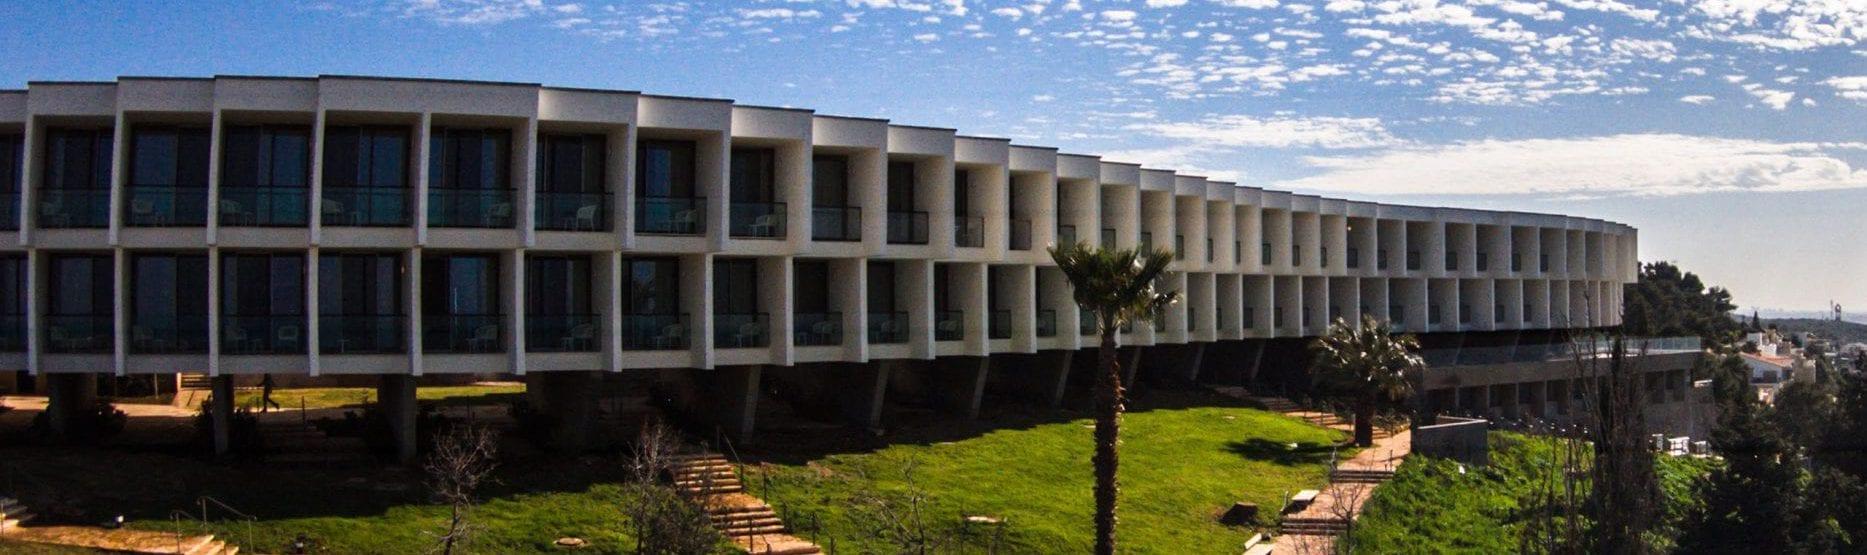 אלמא-מלון ומרכז לאומנויות בזיכרון יעקב  מגזין שבוע האופנה 2021